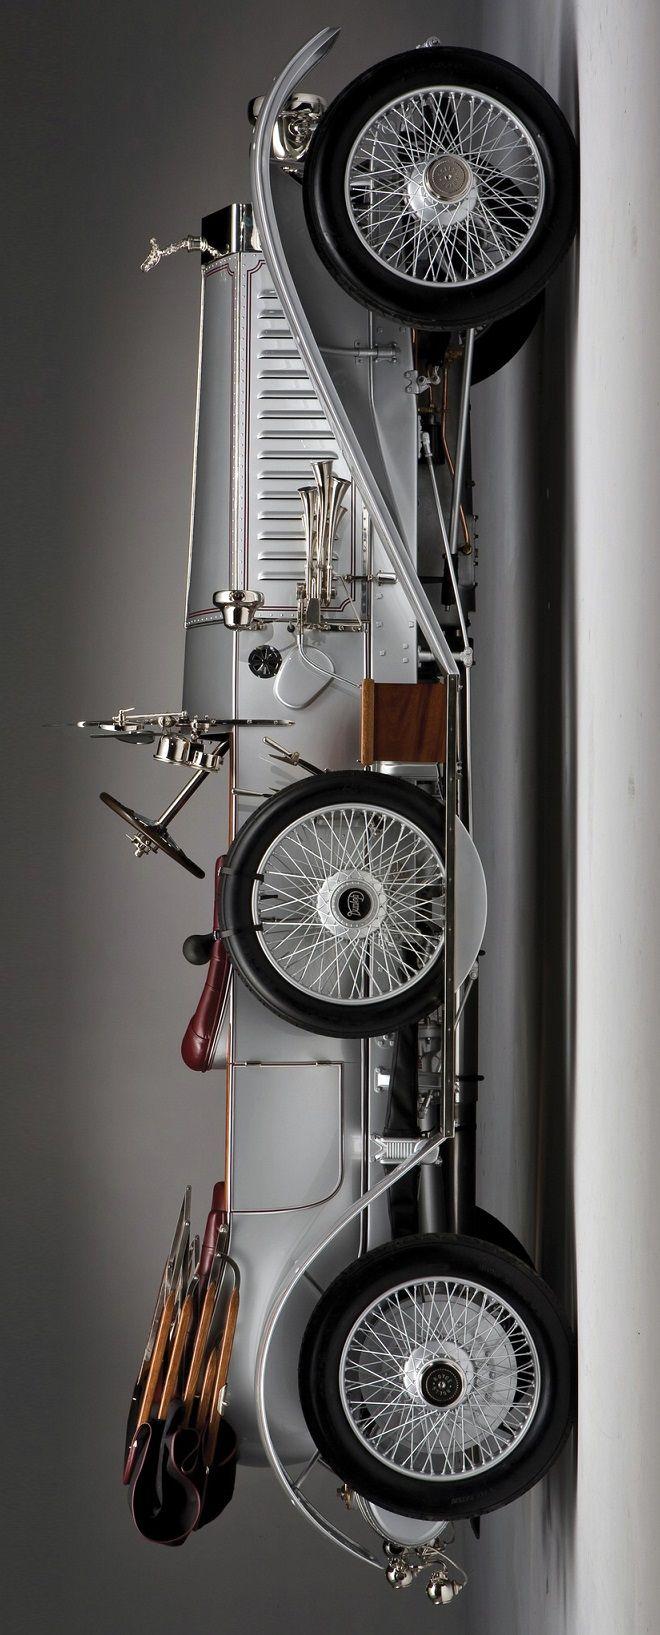 1915 Rolls Royce Silver Ghost L-E Tourer ...repinned für Gewinner! - jetzt gratis Erfolgsratgeber sichern www.ratsucher.de